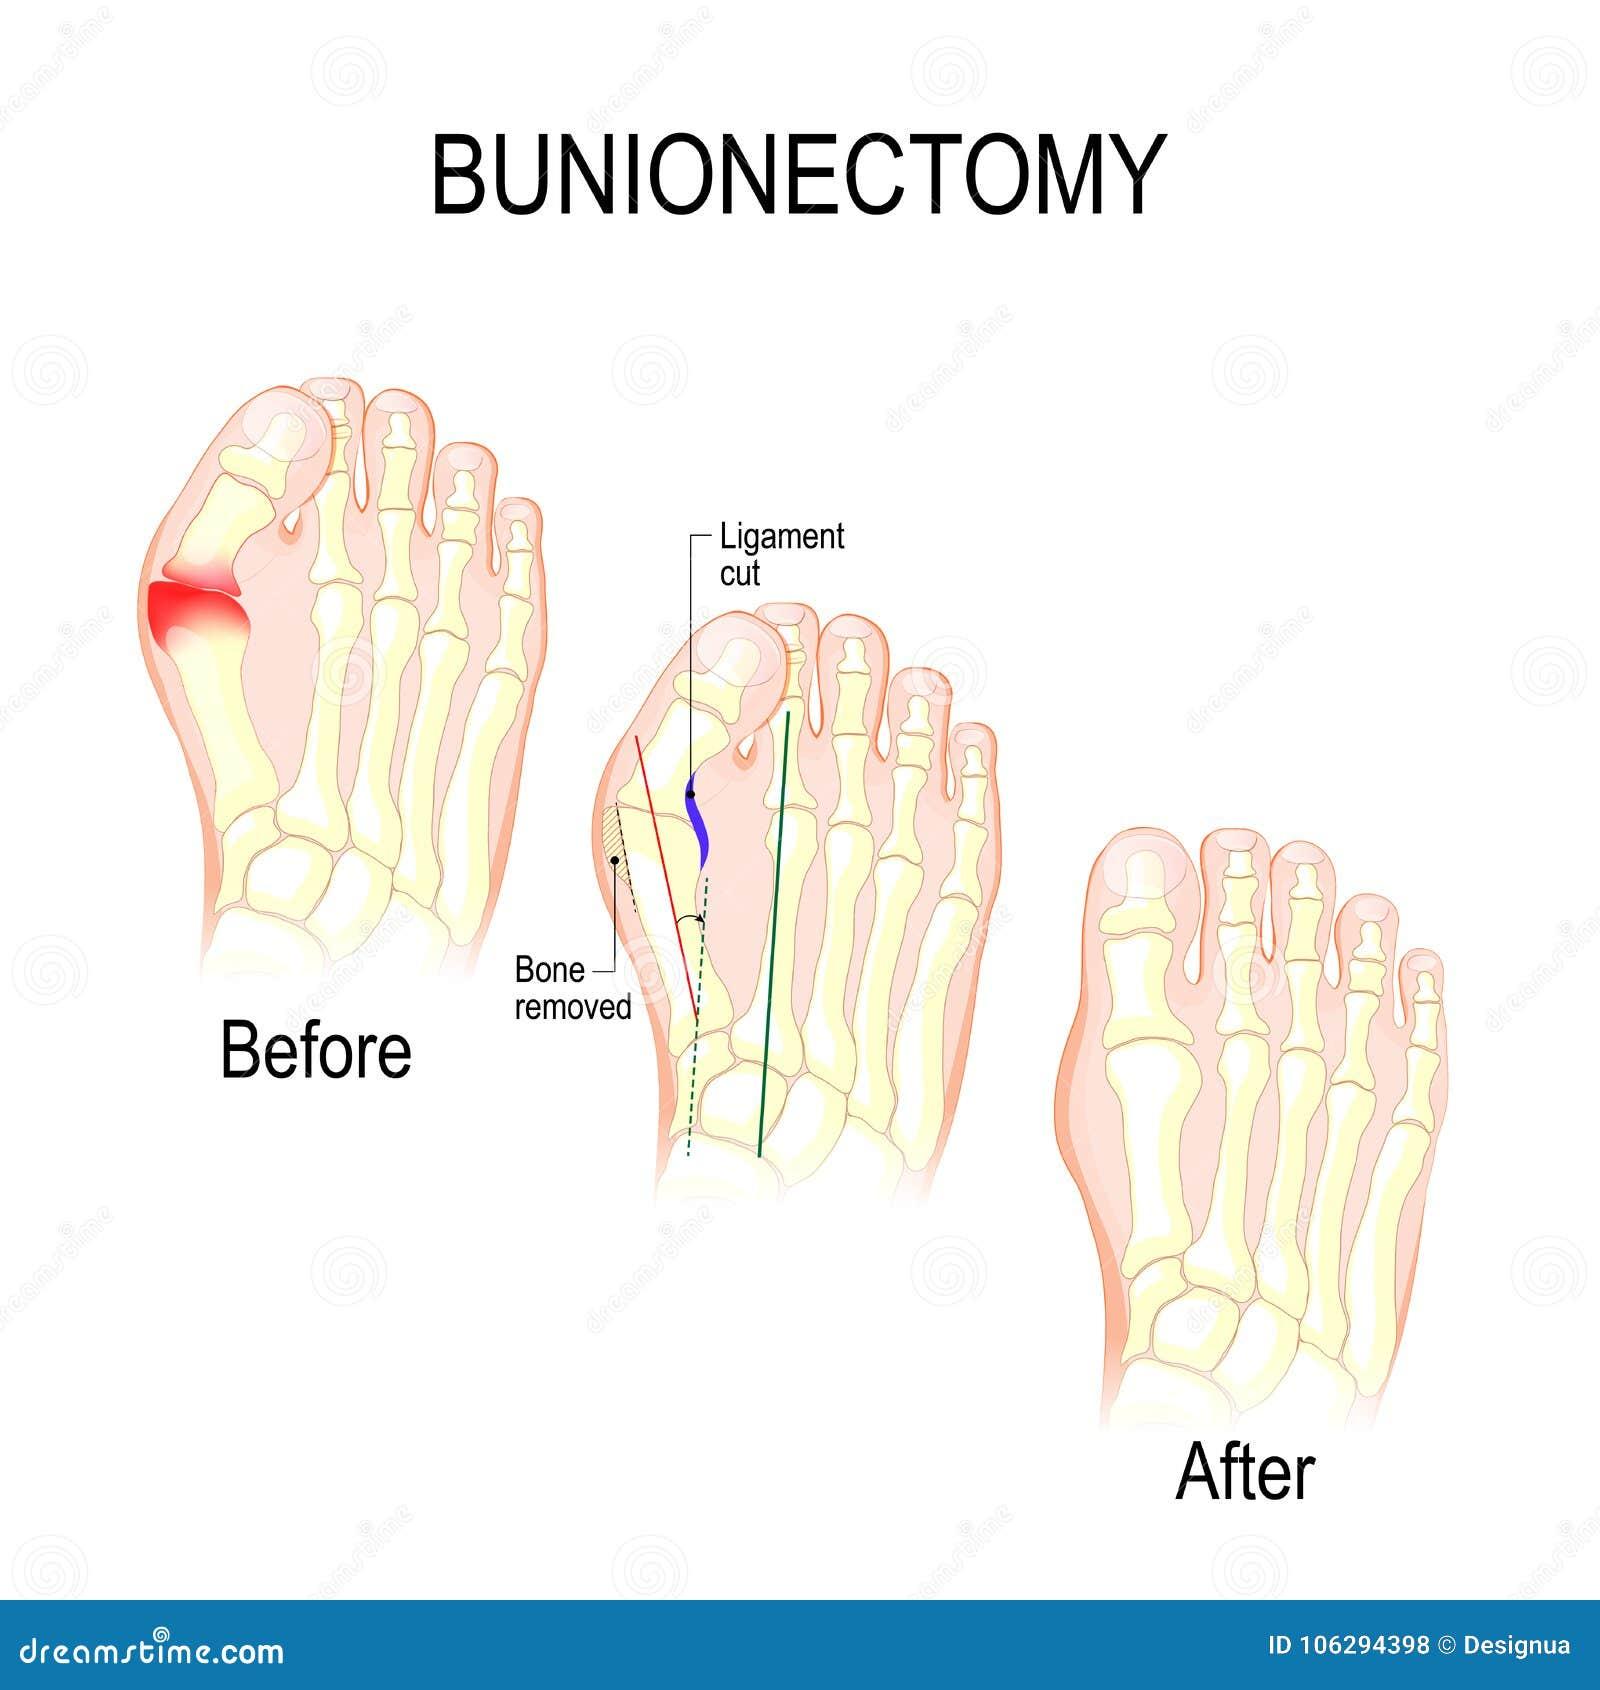 Bunionectomy chirurgie om pathologie van de voet te verbeteren